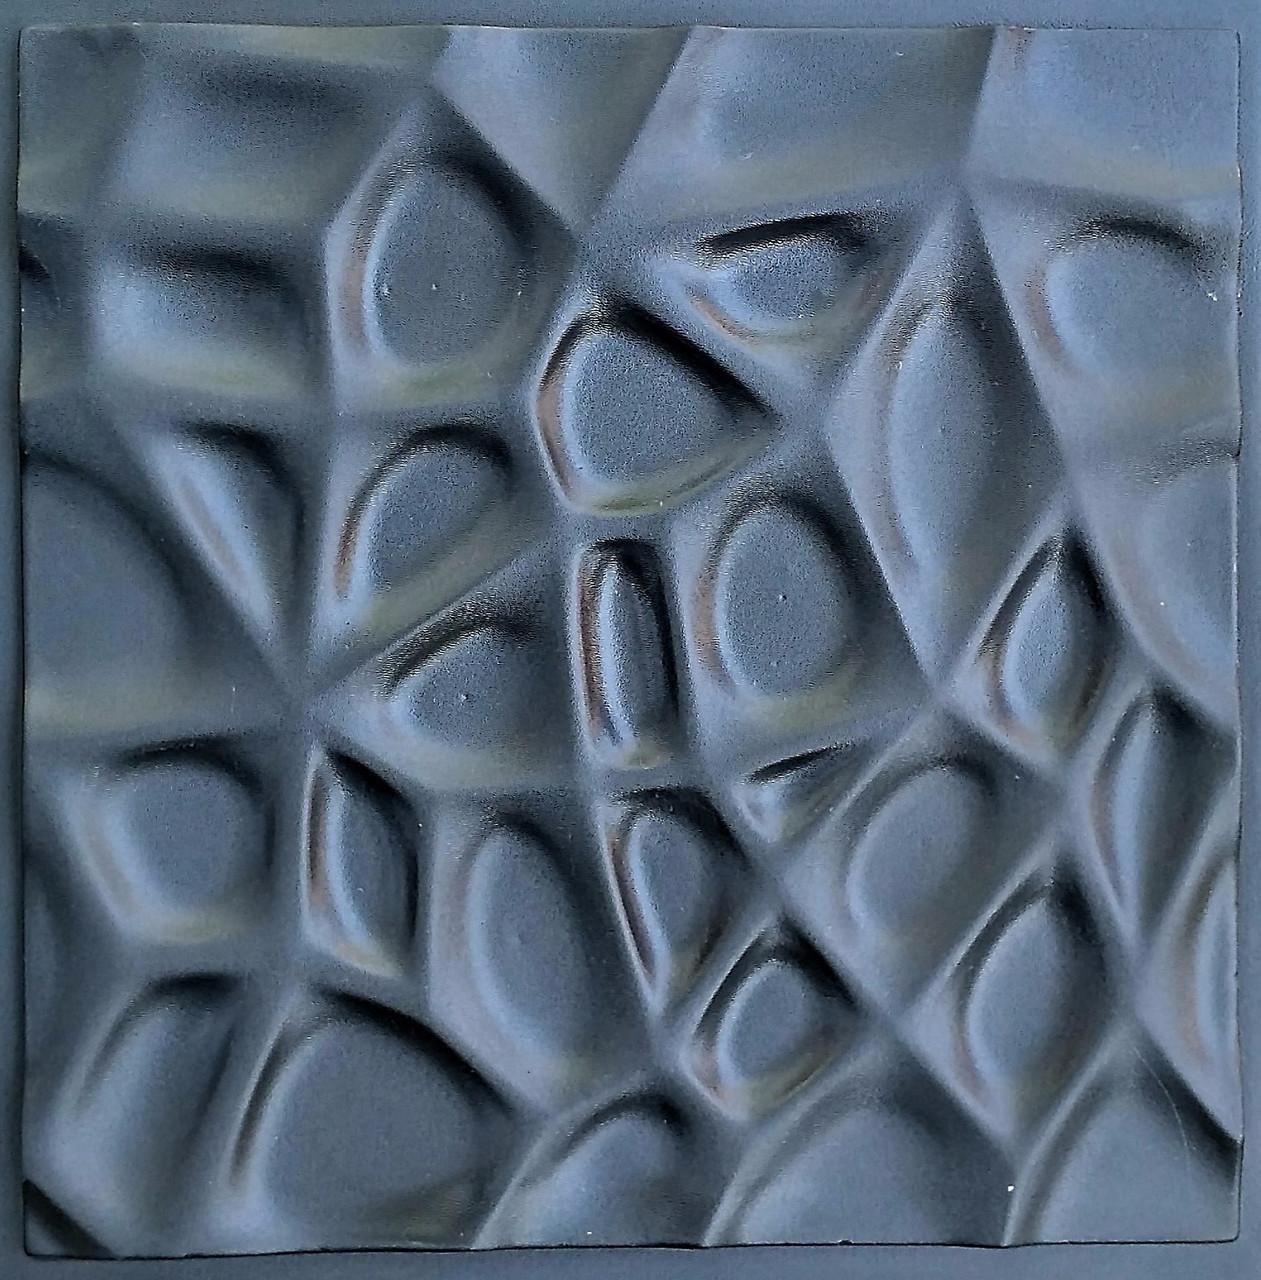 """Пластикова форма для виготовлення 3d панелей """"Павутина"""" 50*50 (форма для 3д панелей з абс пластику)"""